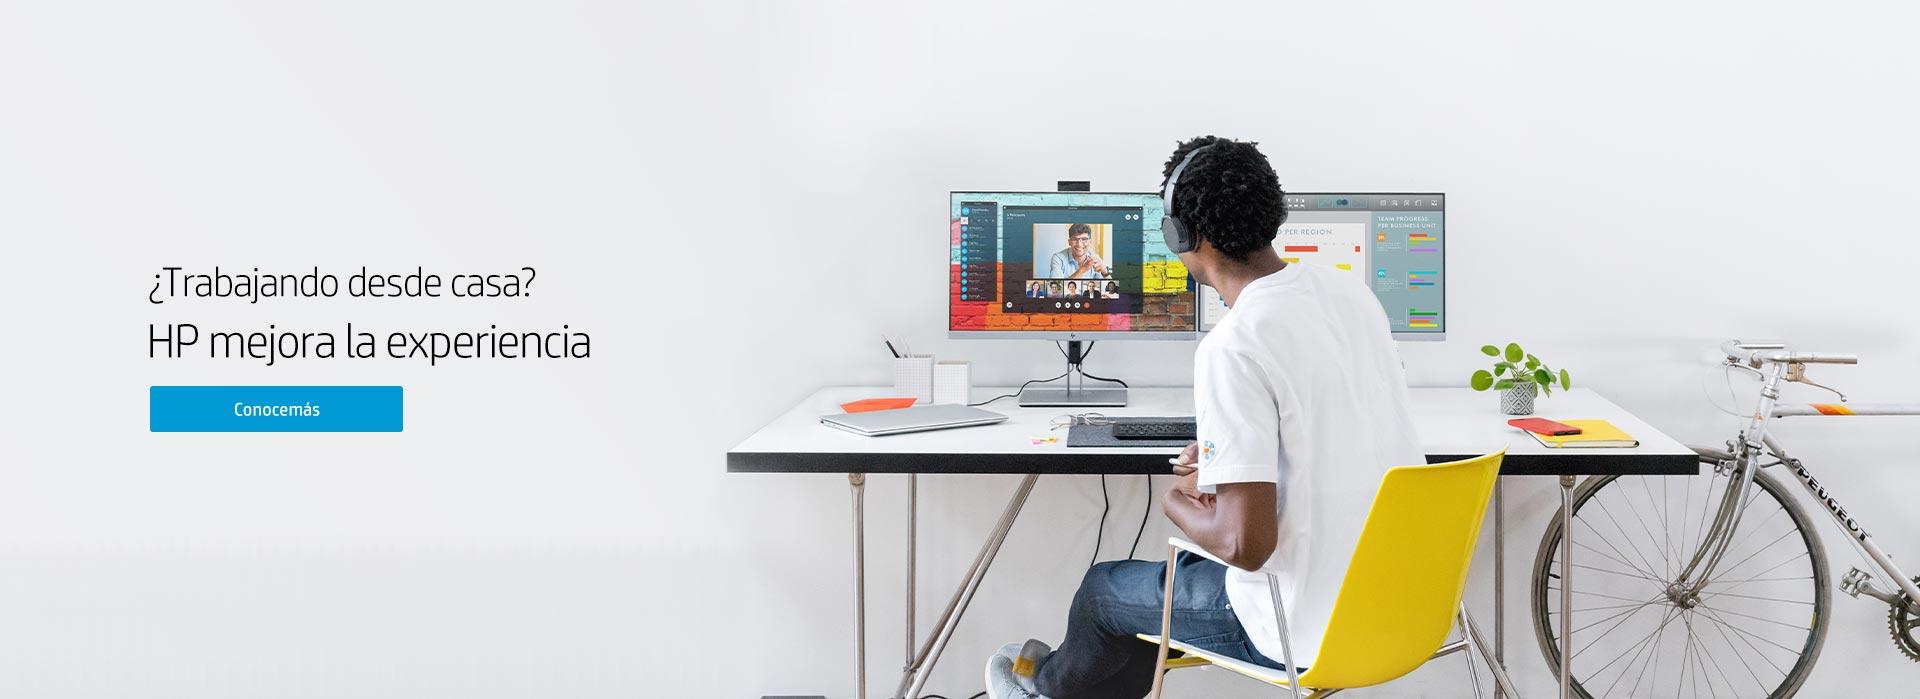 ¿Trabajando desde casa? | HP mejora la experiencia